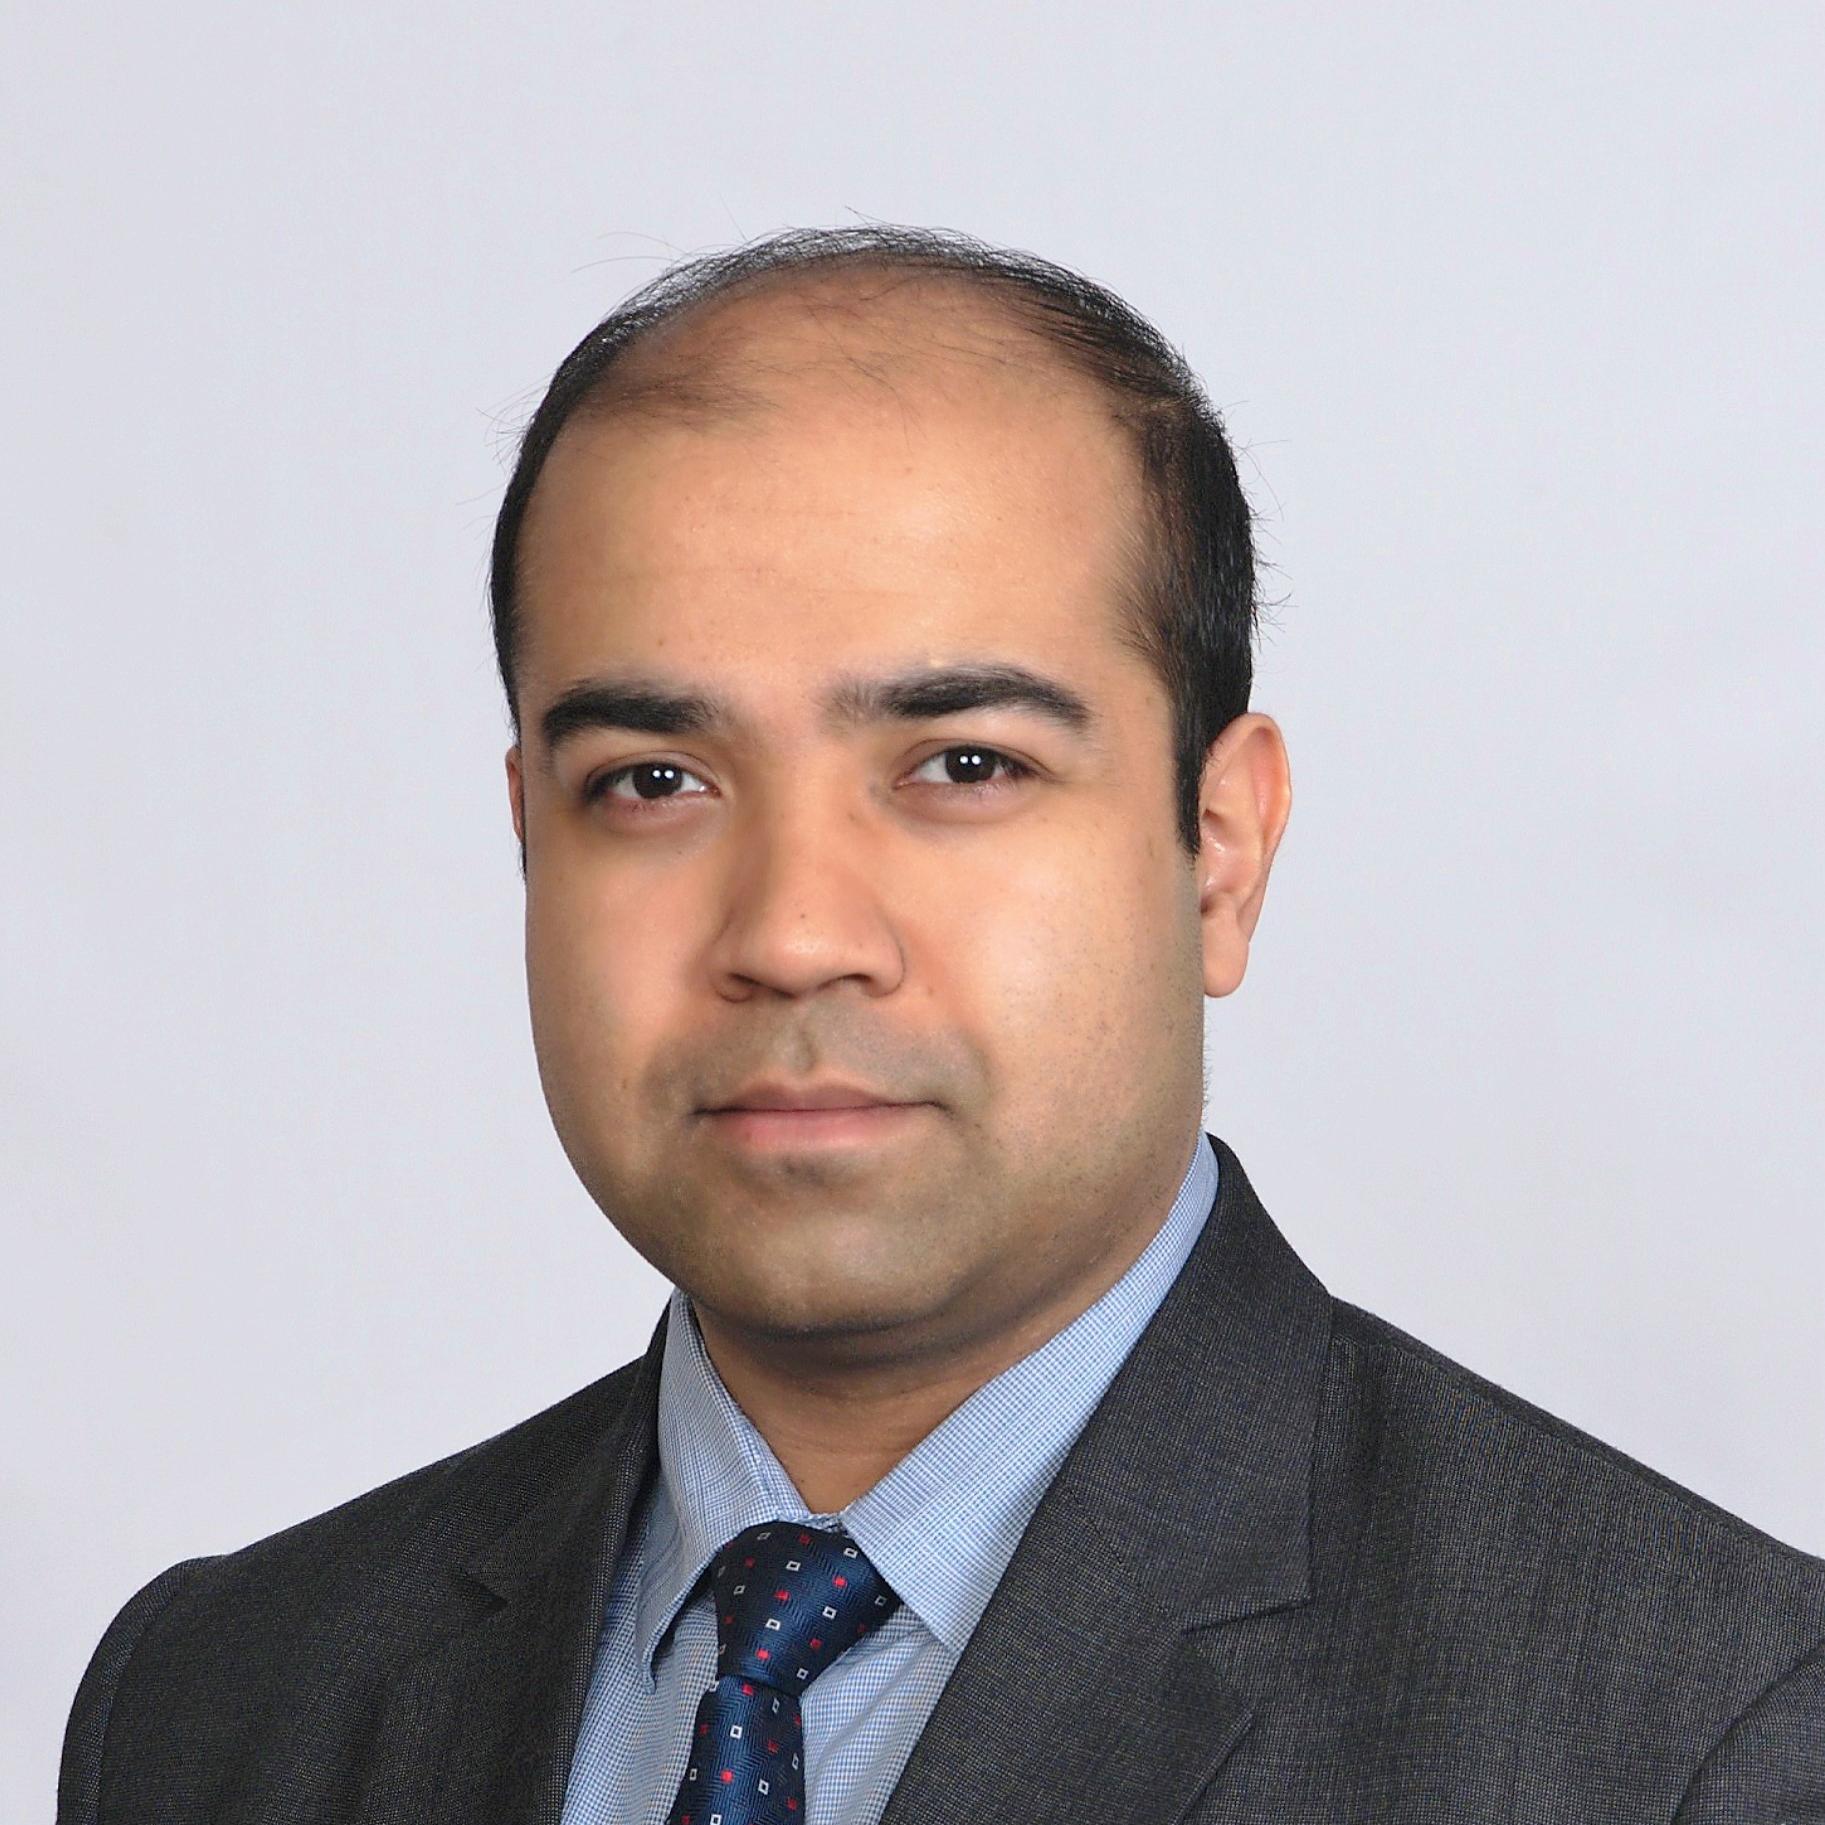 Vinai Prakash image 0